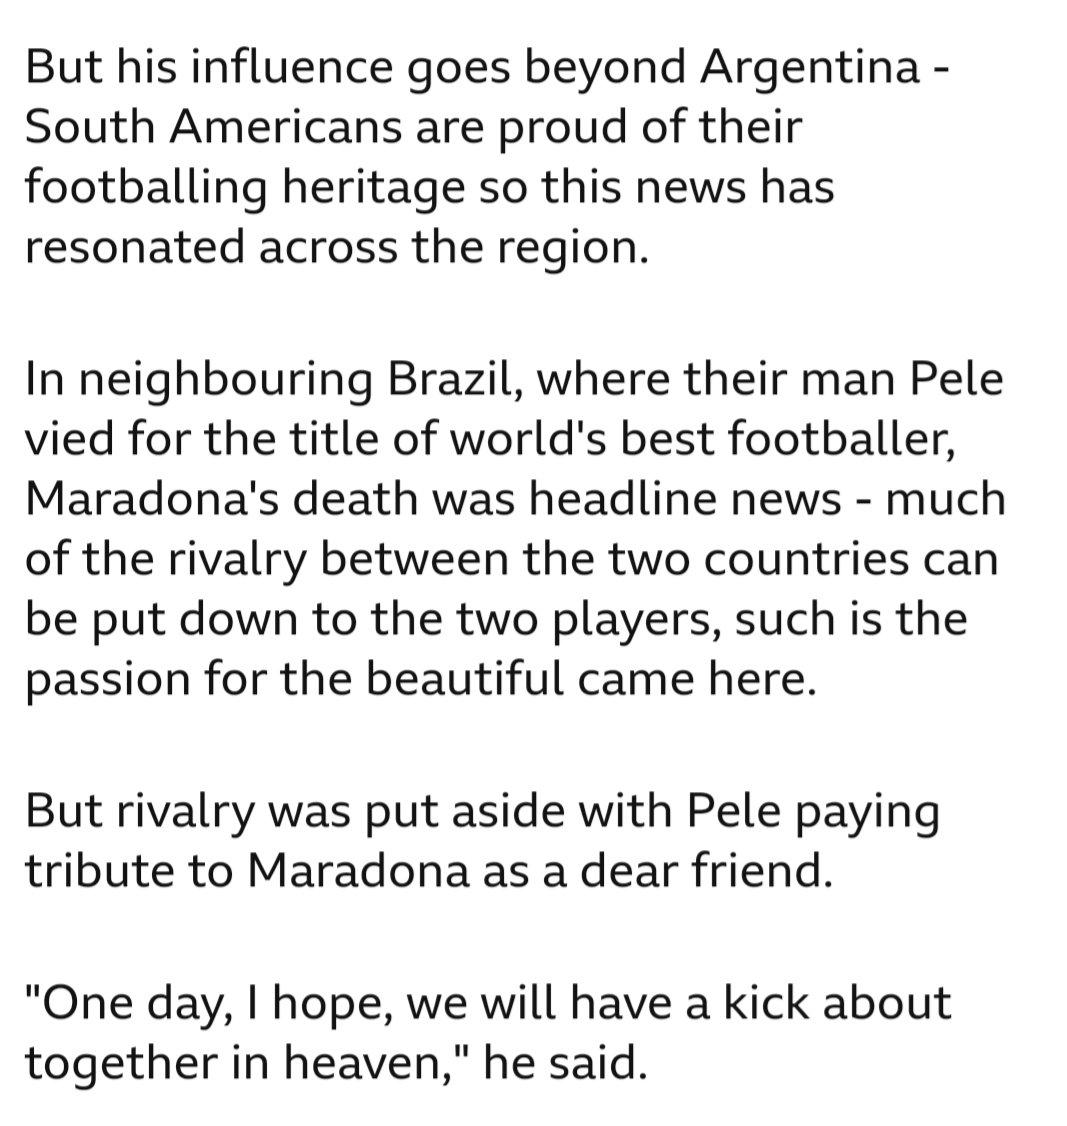 #Maradona #maradona10 #MaradonaRIP #Maradona60 #maradonadeath #Pele80 #RIPMaradona #DiegoArmandoMaradona #diegomaradona #Diego_Maradona #diegoyavedatrtsporda #DiegoMaradonna #DiegoInmortal #DiegoArmando #Diego_Armando_Maradona #Diego10 #maradonaNoMore #TributeToMaradona #soccer